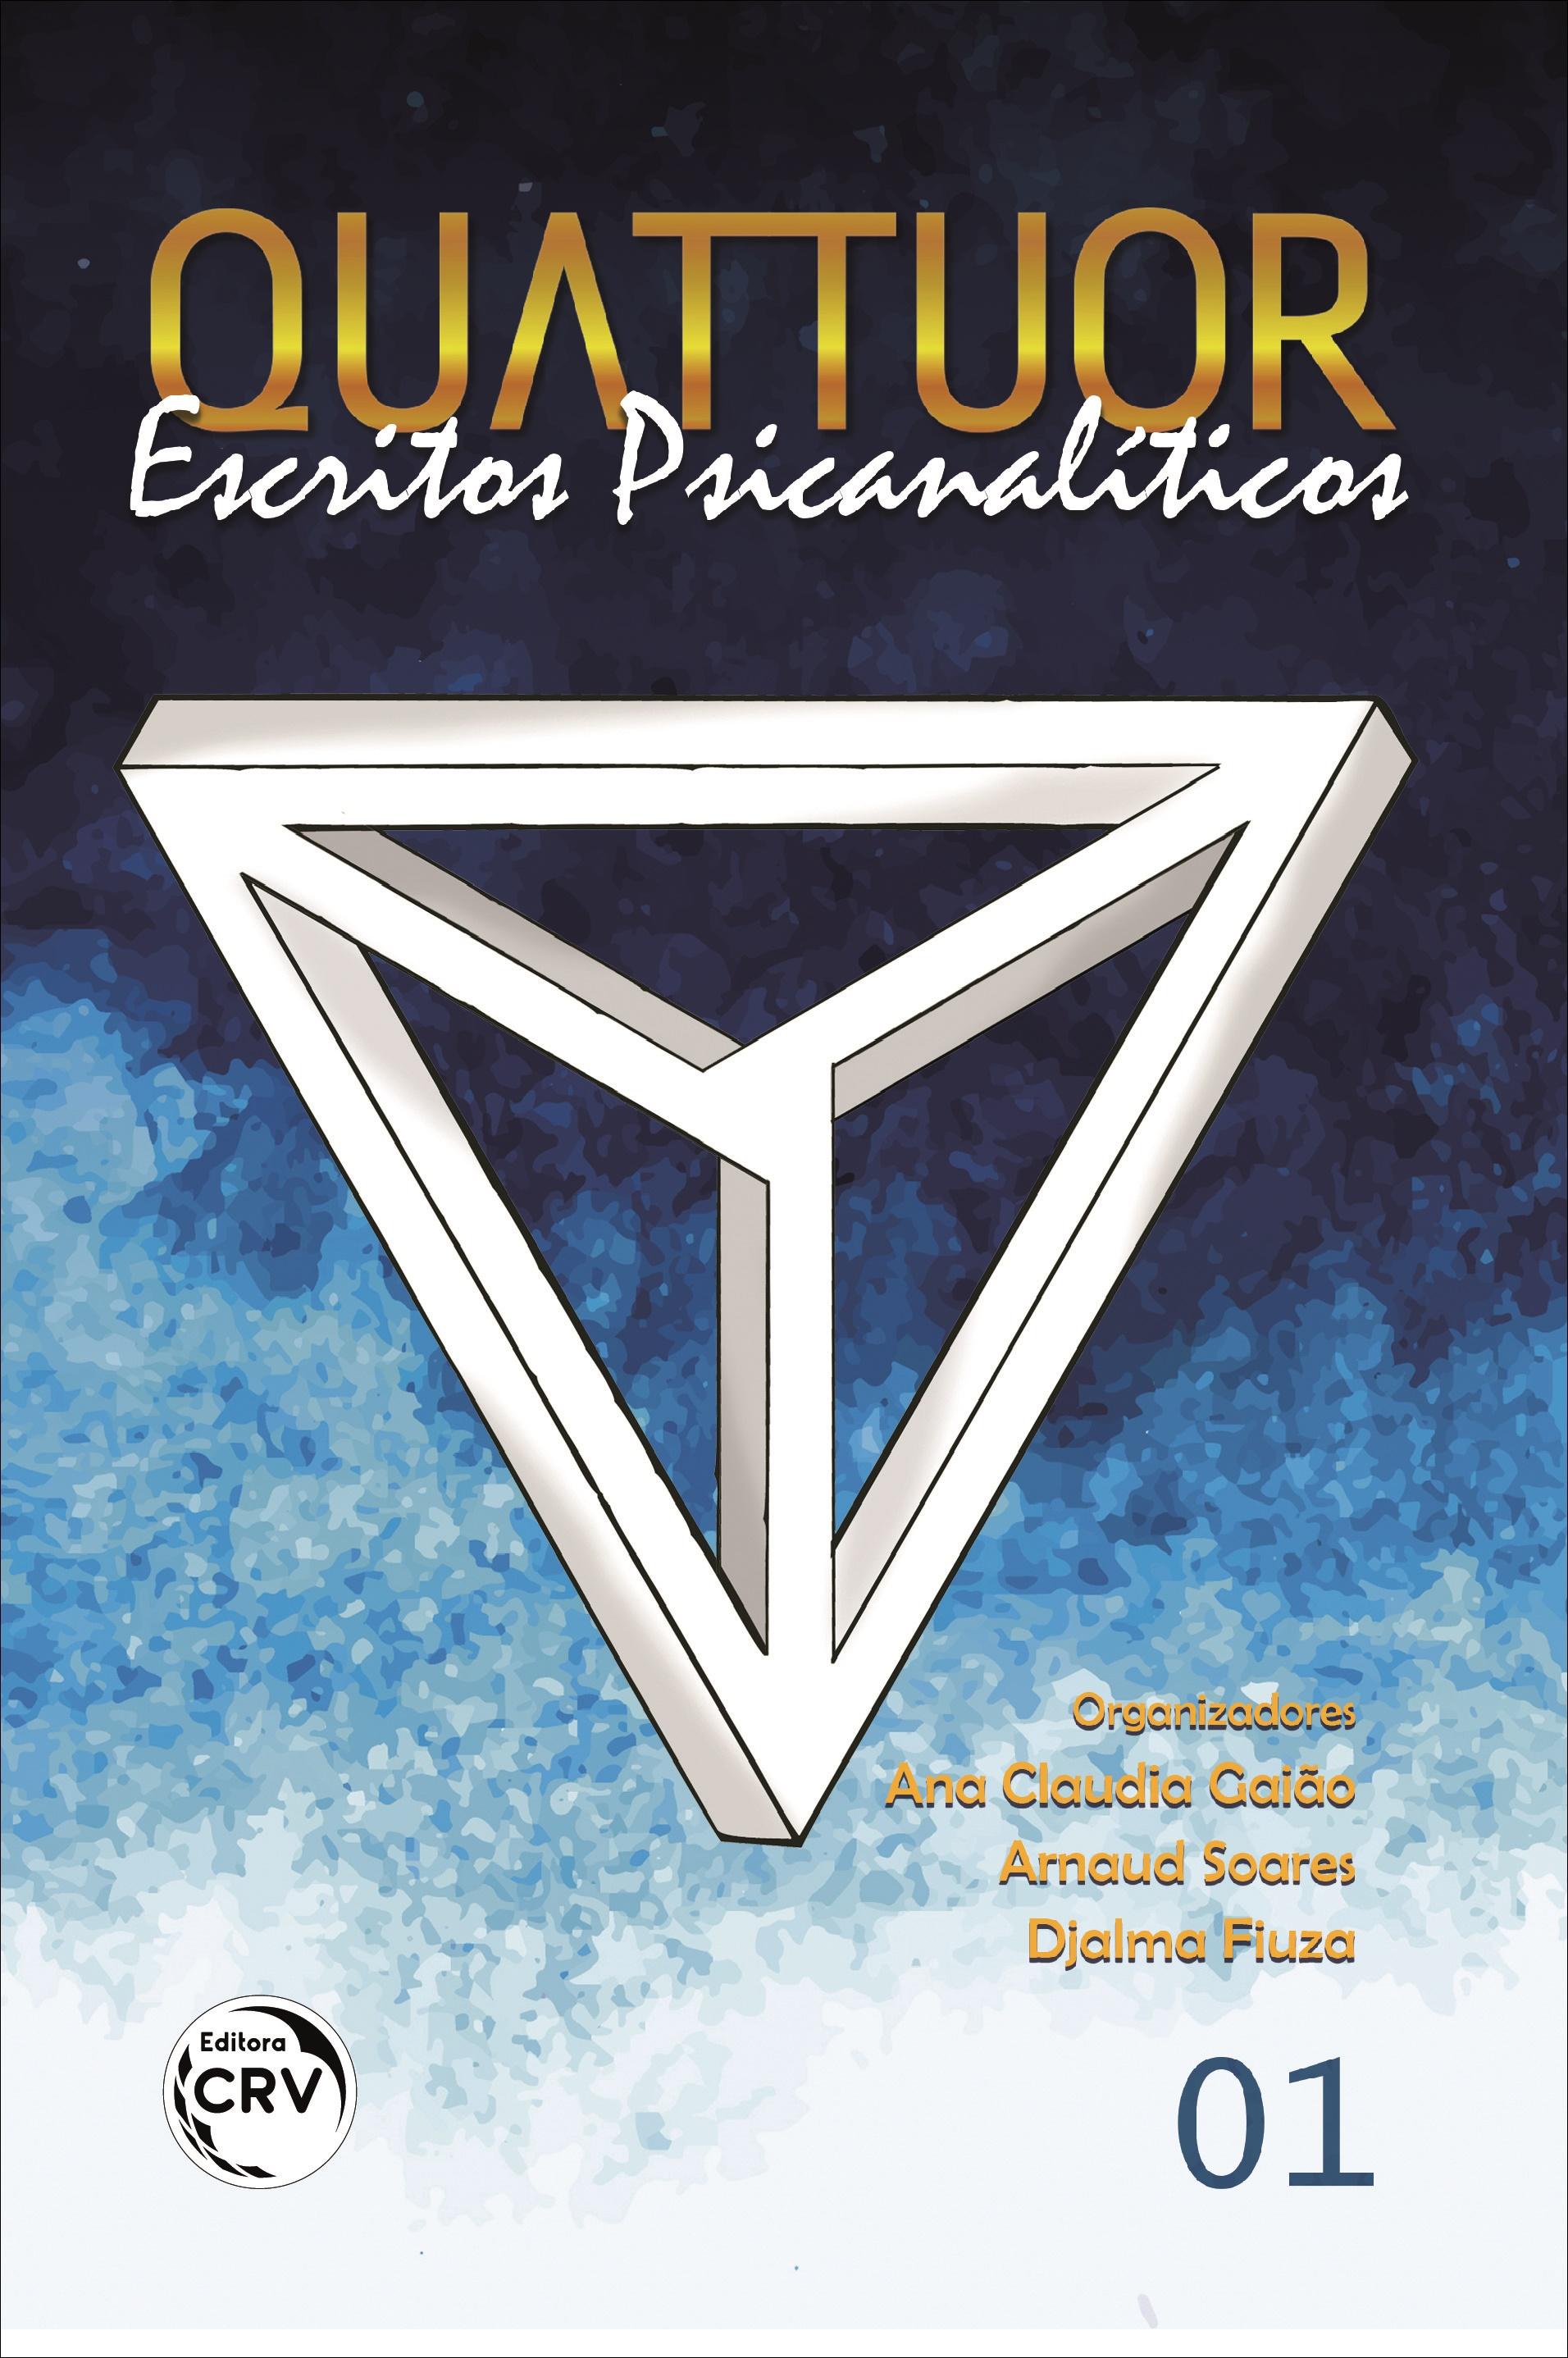 Capa do livro: QUATTUOR:<br> escritos psicanalíticos<br><br> Volume 01